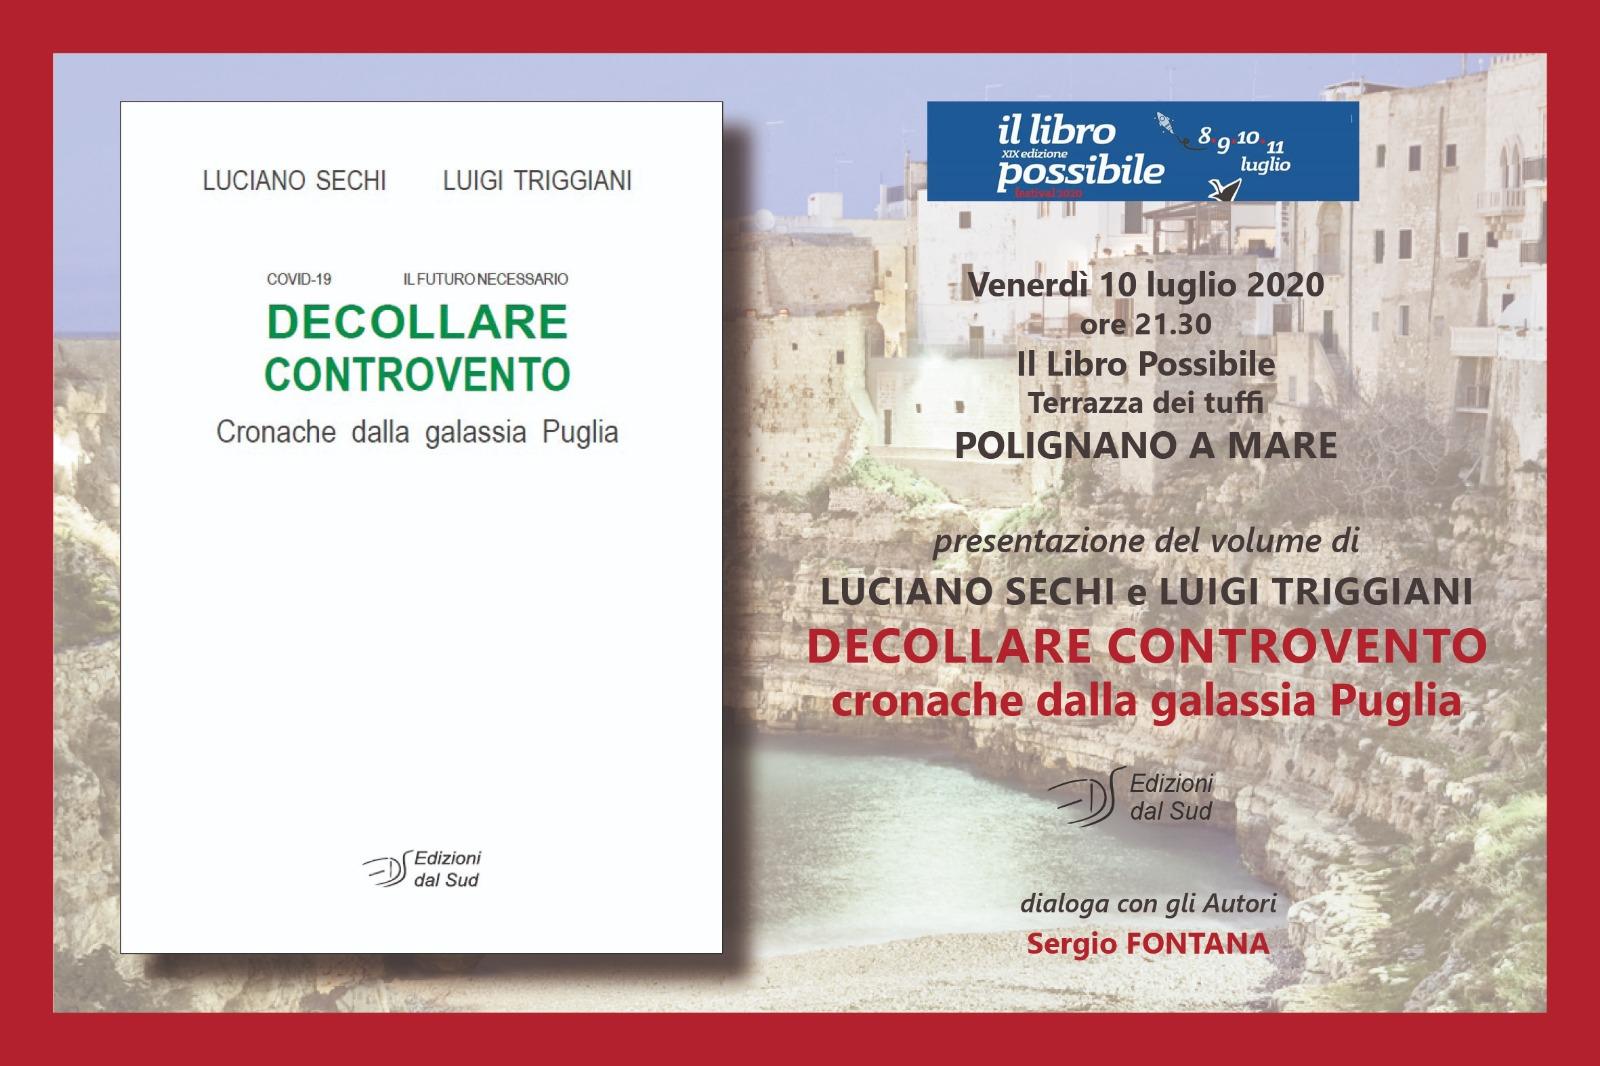 """Presentazione del libro """"Decollare controvento"""" di Luciano Sechi e Luigi Triggiani - analisi economica Puglia post covid 19 - Polignano a Mare - 10 luglio 2020- ore 21.30"""